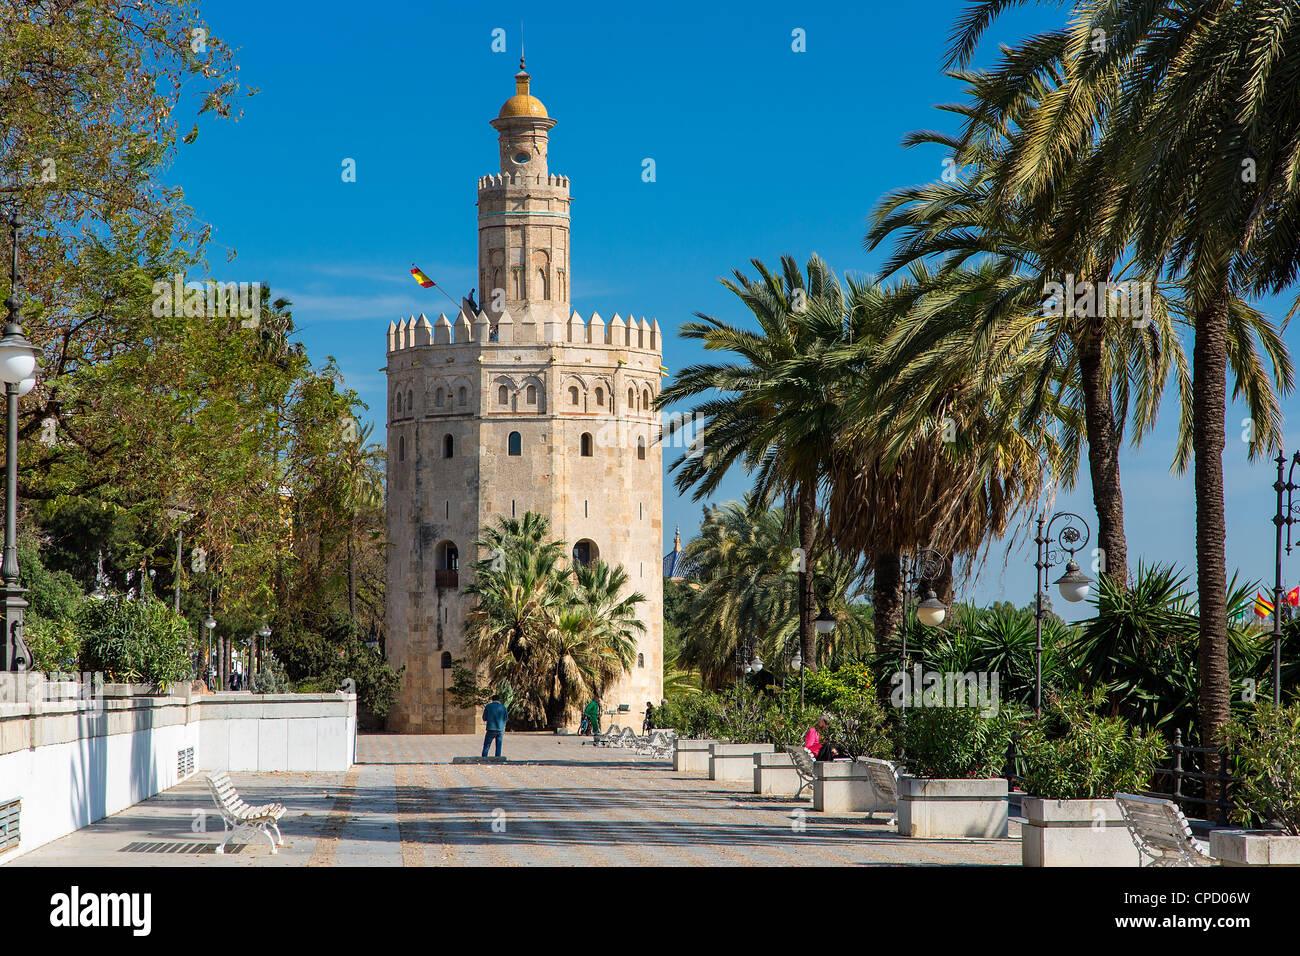 Europa, España, Andalucía, Sevilla, Torre del Oro Imagen De Stock